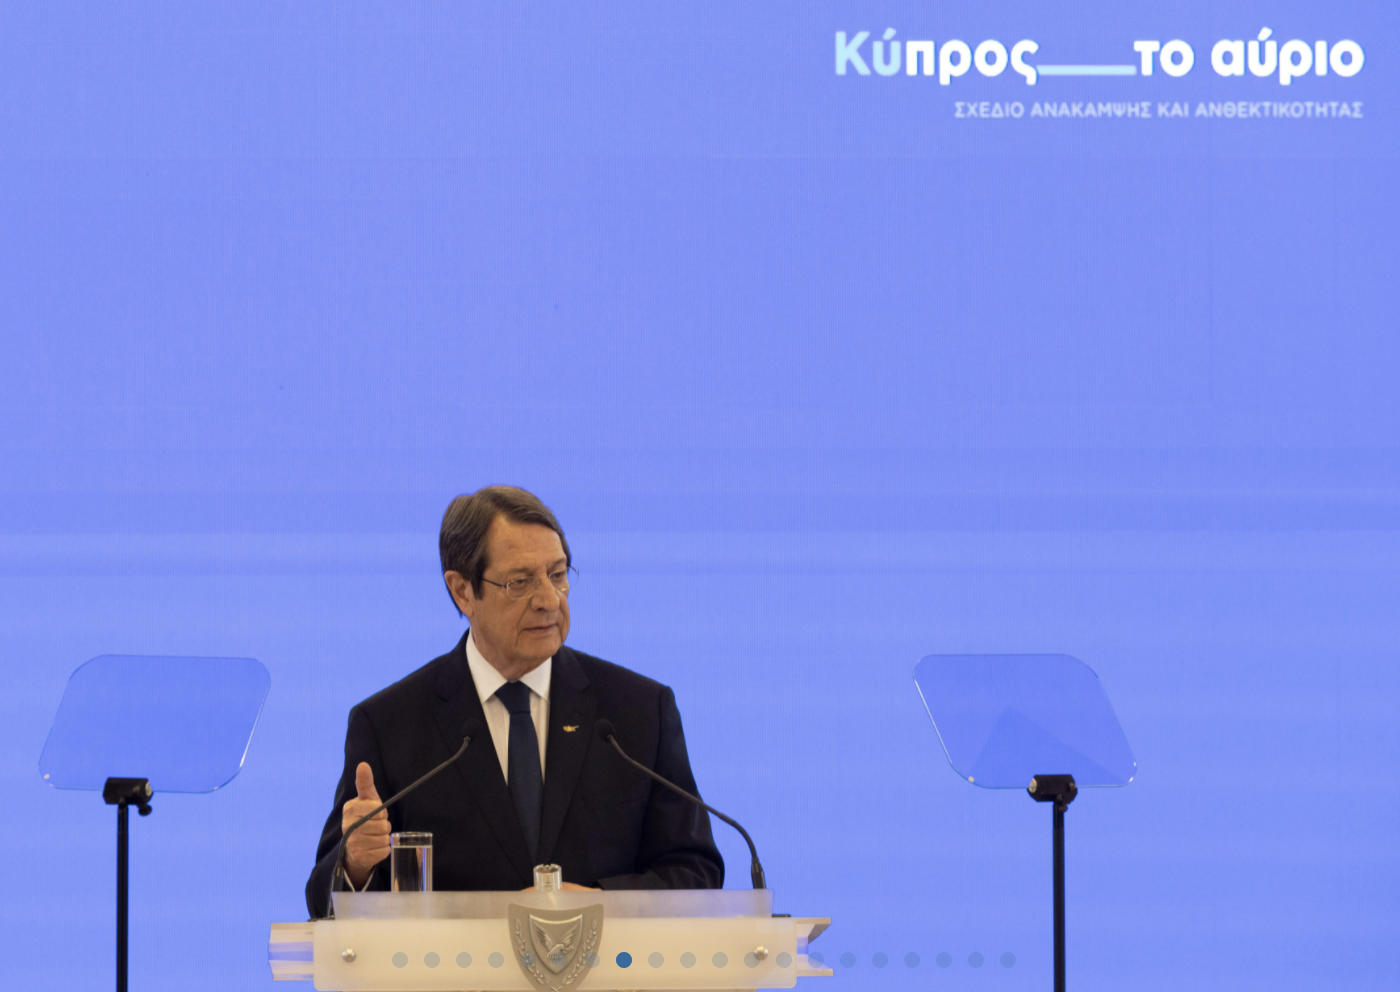 Κύπρος: Ο Αναστασιάδης παρουσίασε τον οδικό χάρτη για την μετα-COVID εποχή